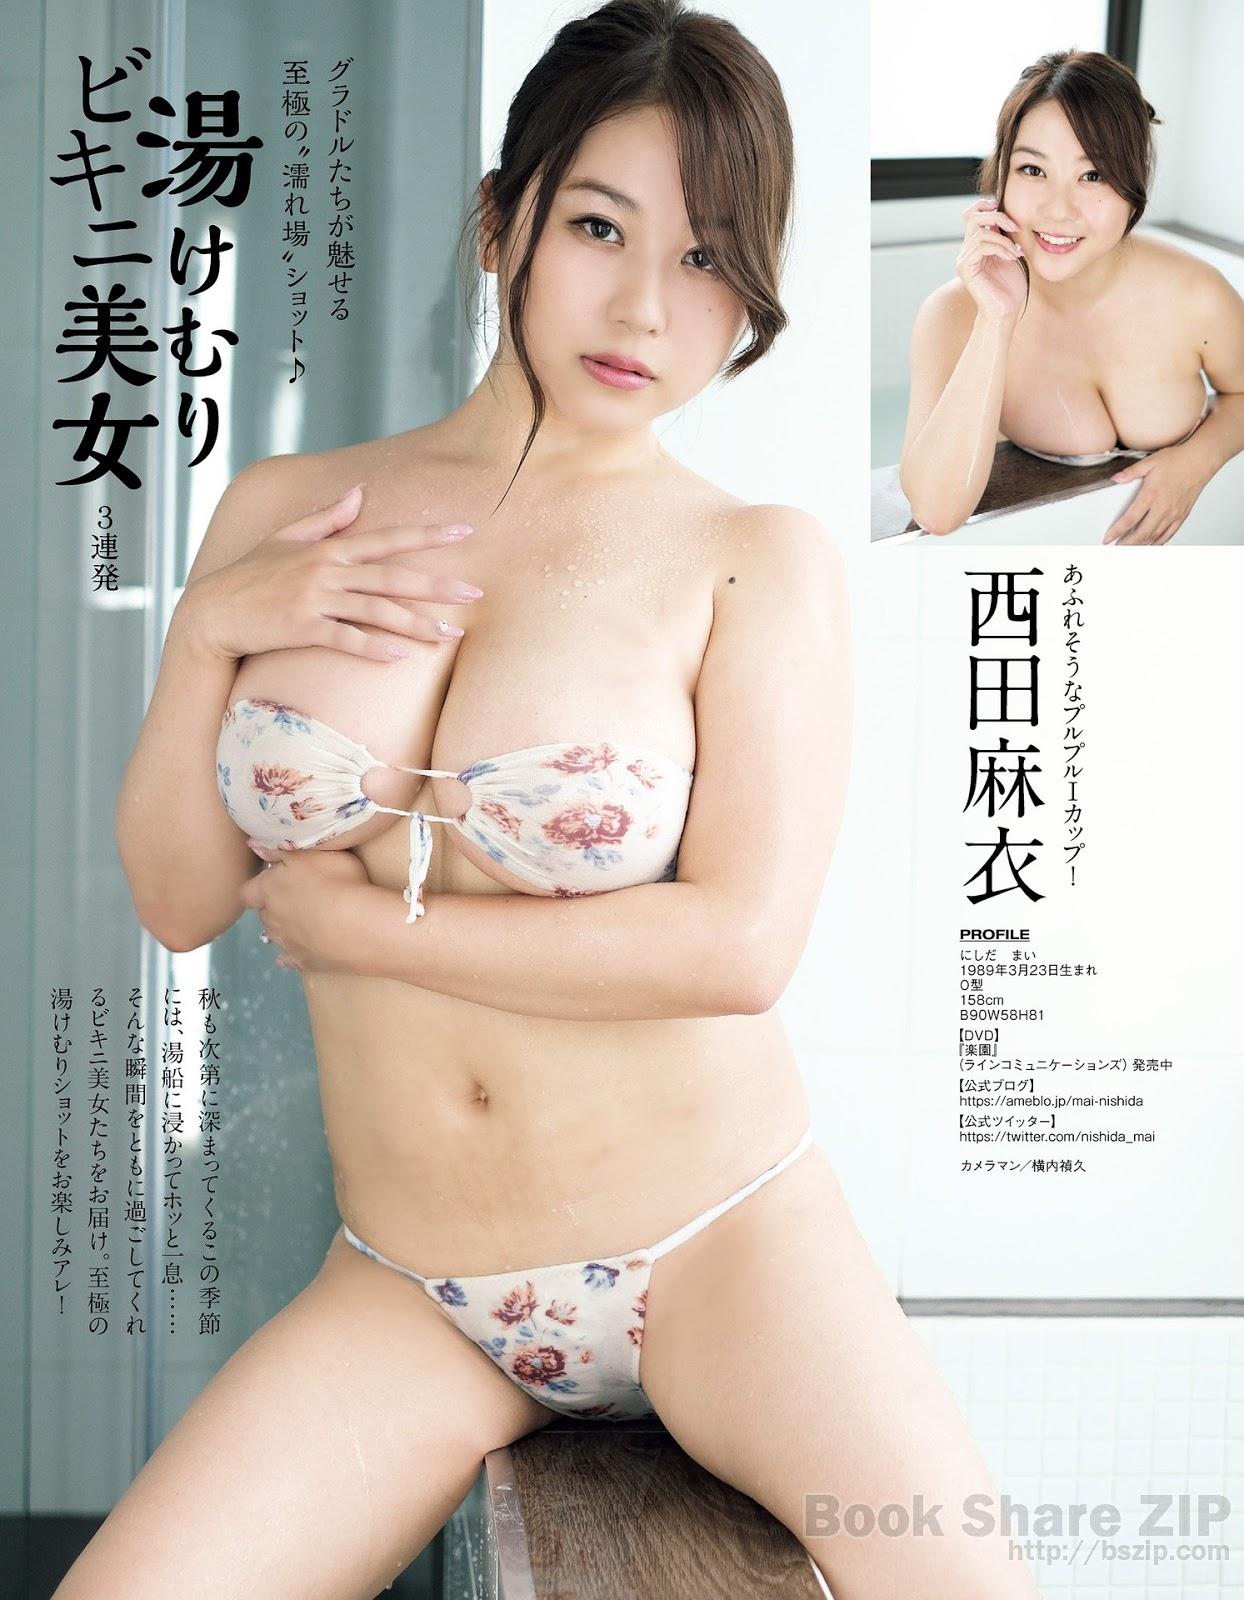 Mai Nishida 西田麻衣, FRIDAY 2017.10.06 (フライデー 2017年10月06日号)